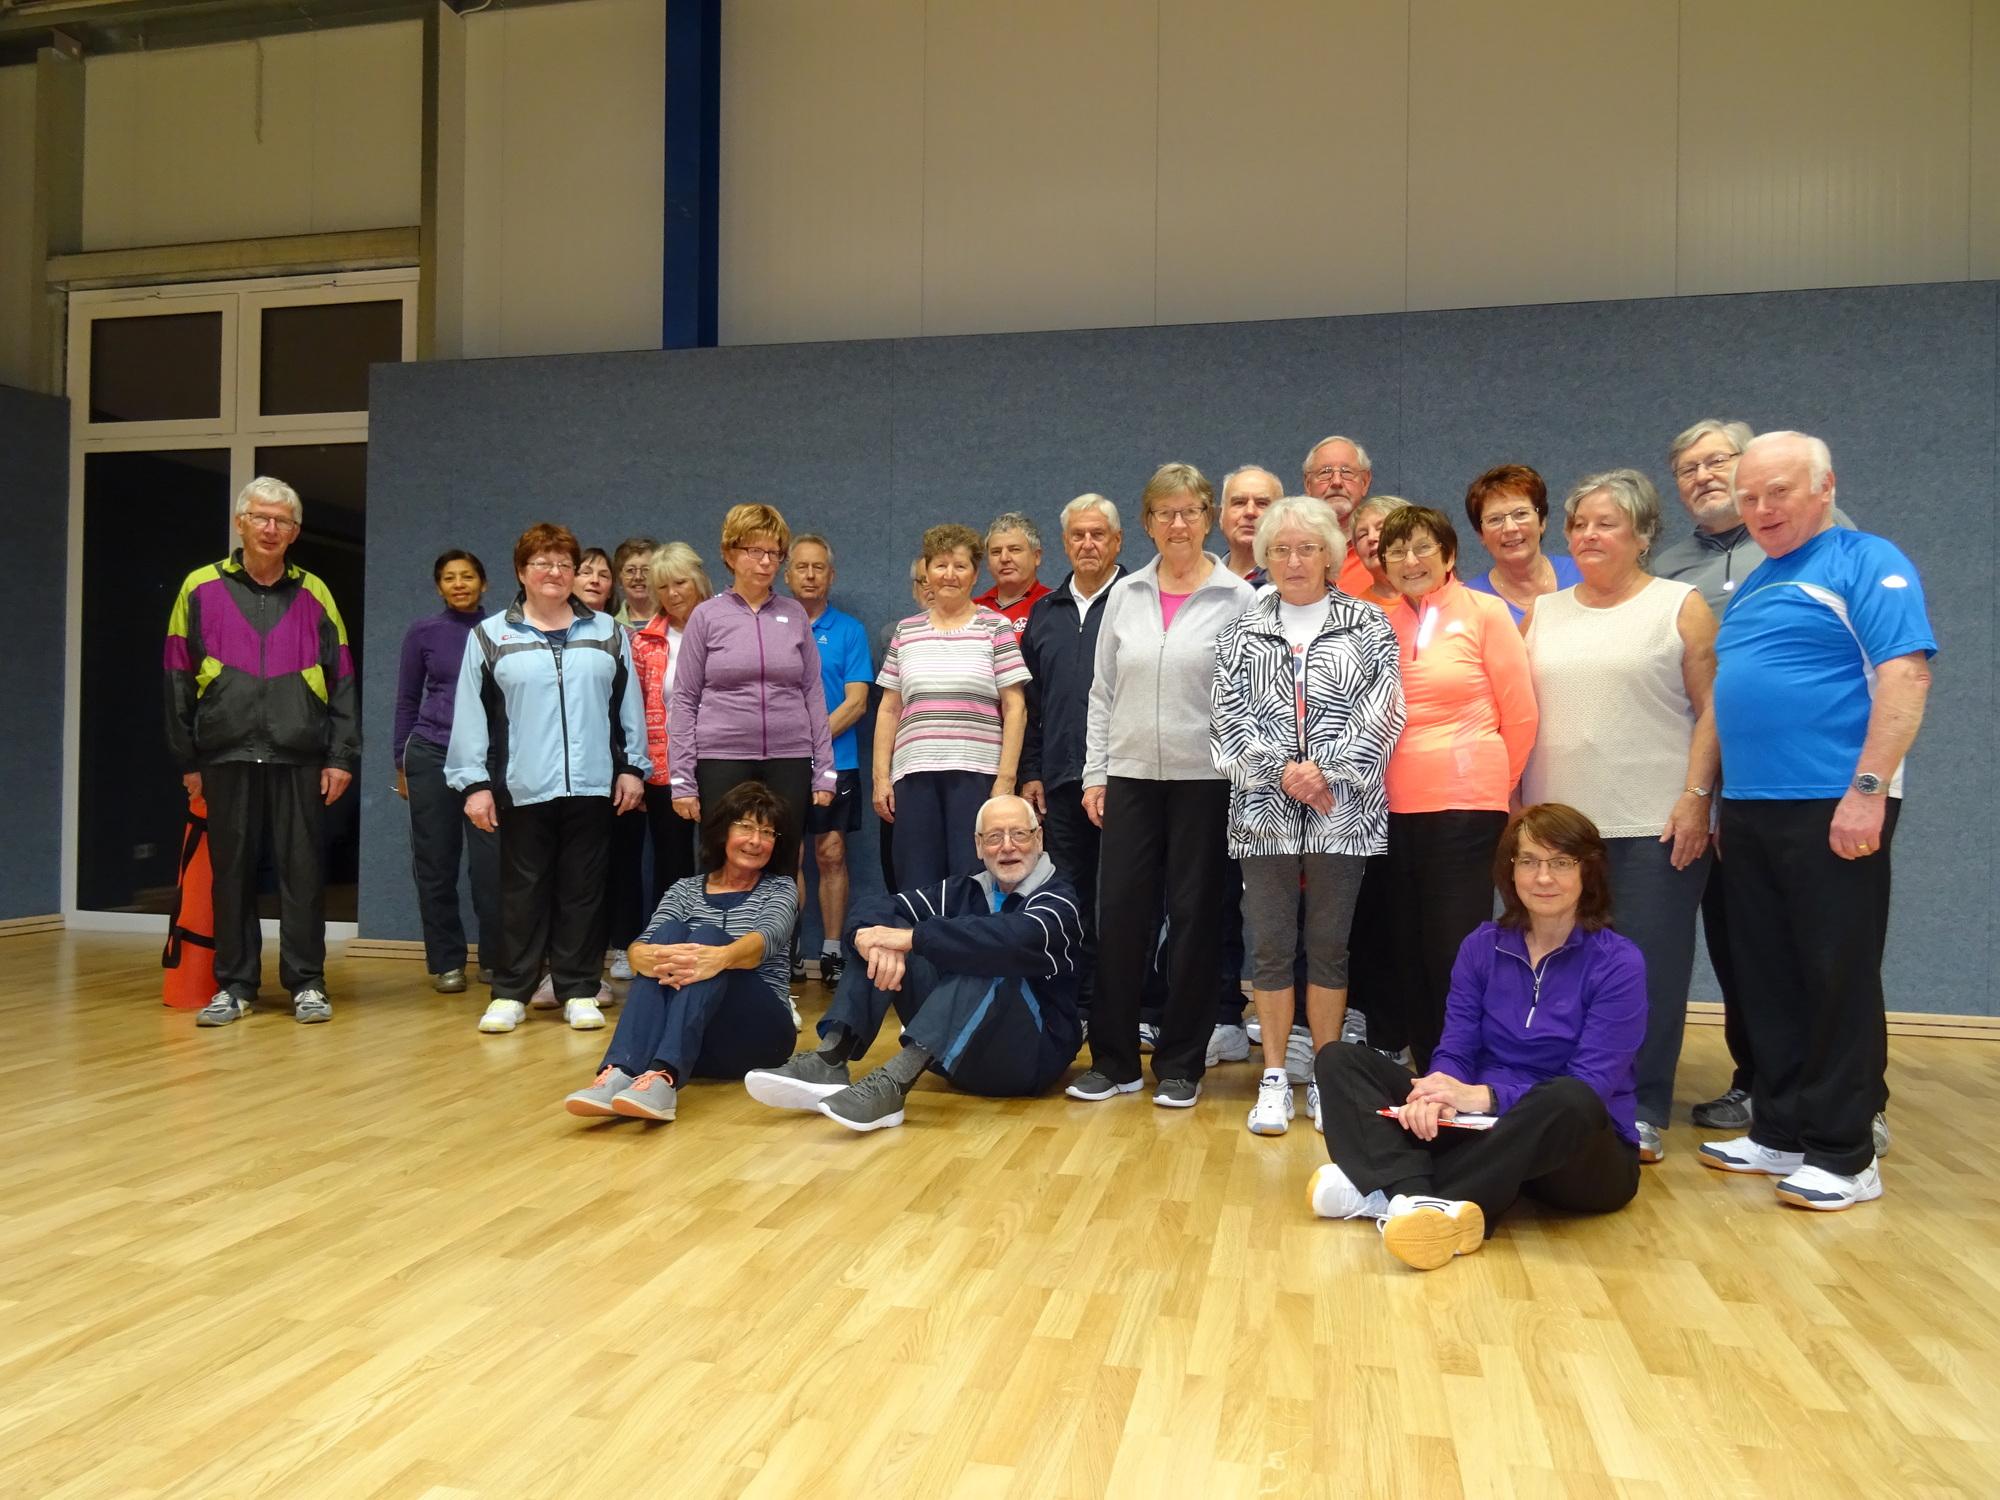 Teilnehmer des Kurses Haltung und Bewegung vom TV Langenlonsheim